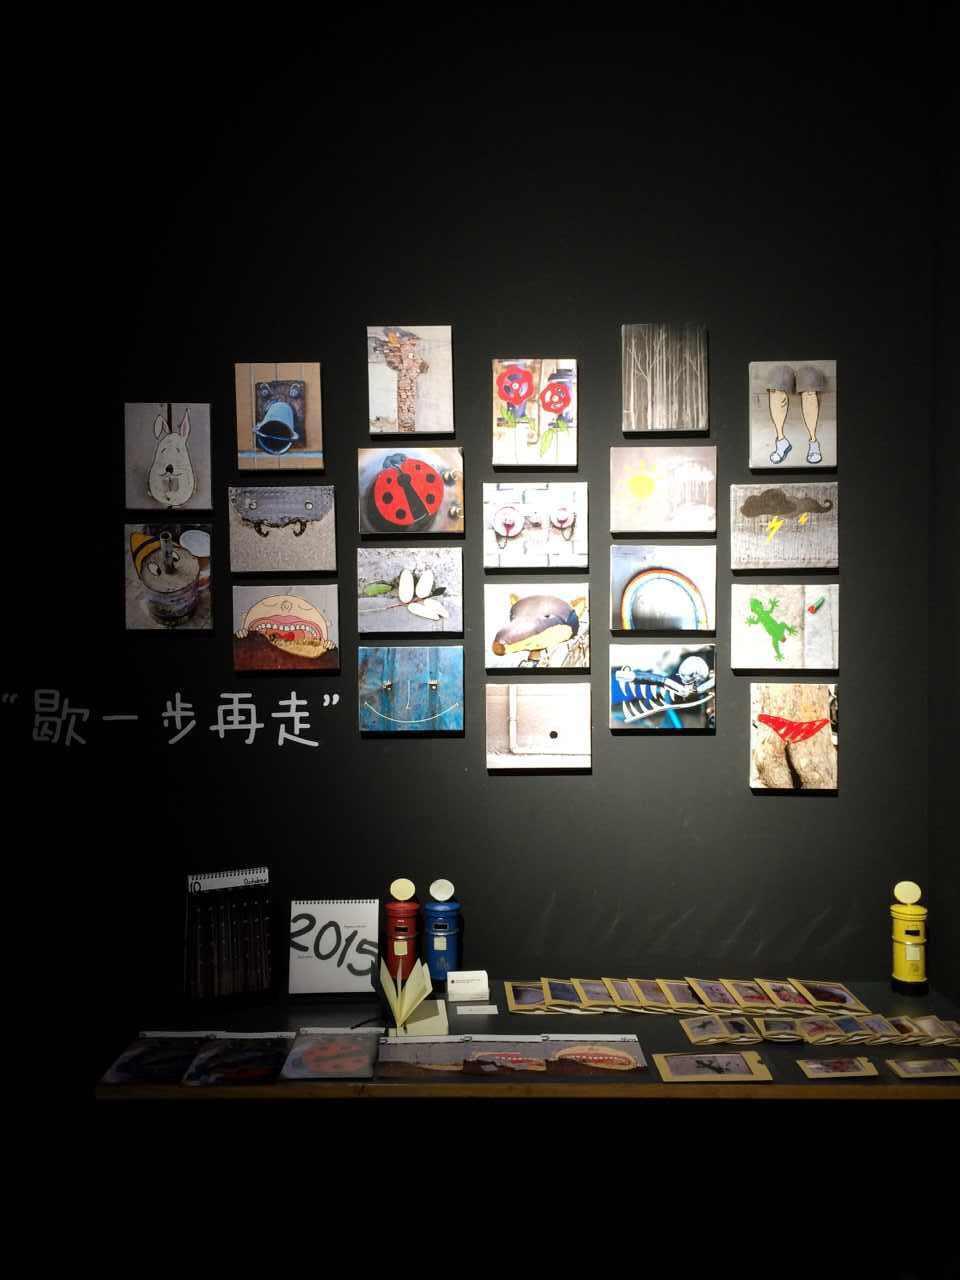 2014清華美院視覺傳達設計系畢業設計展